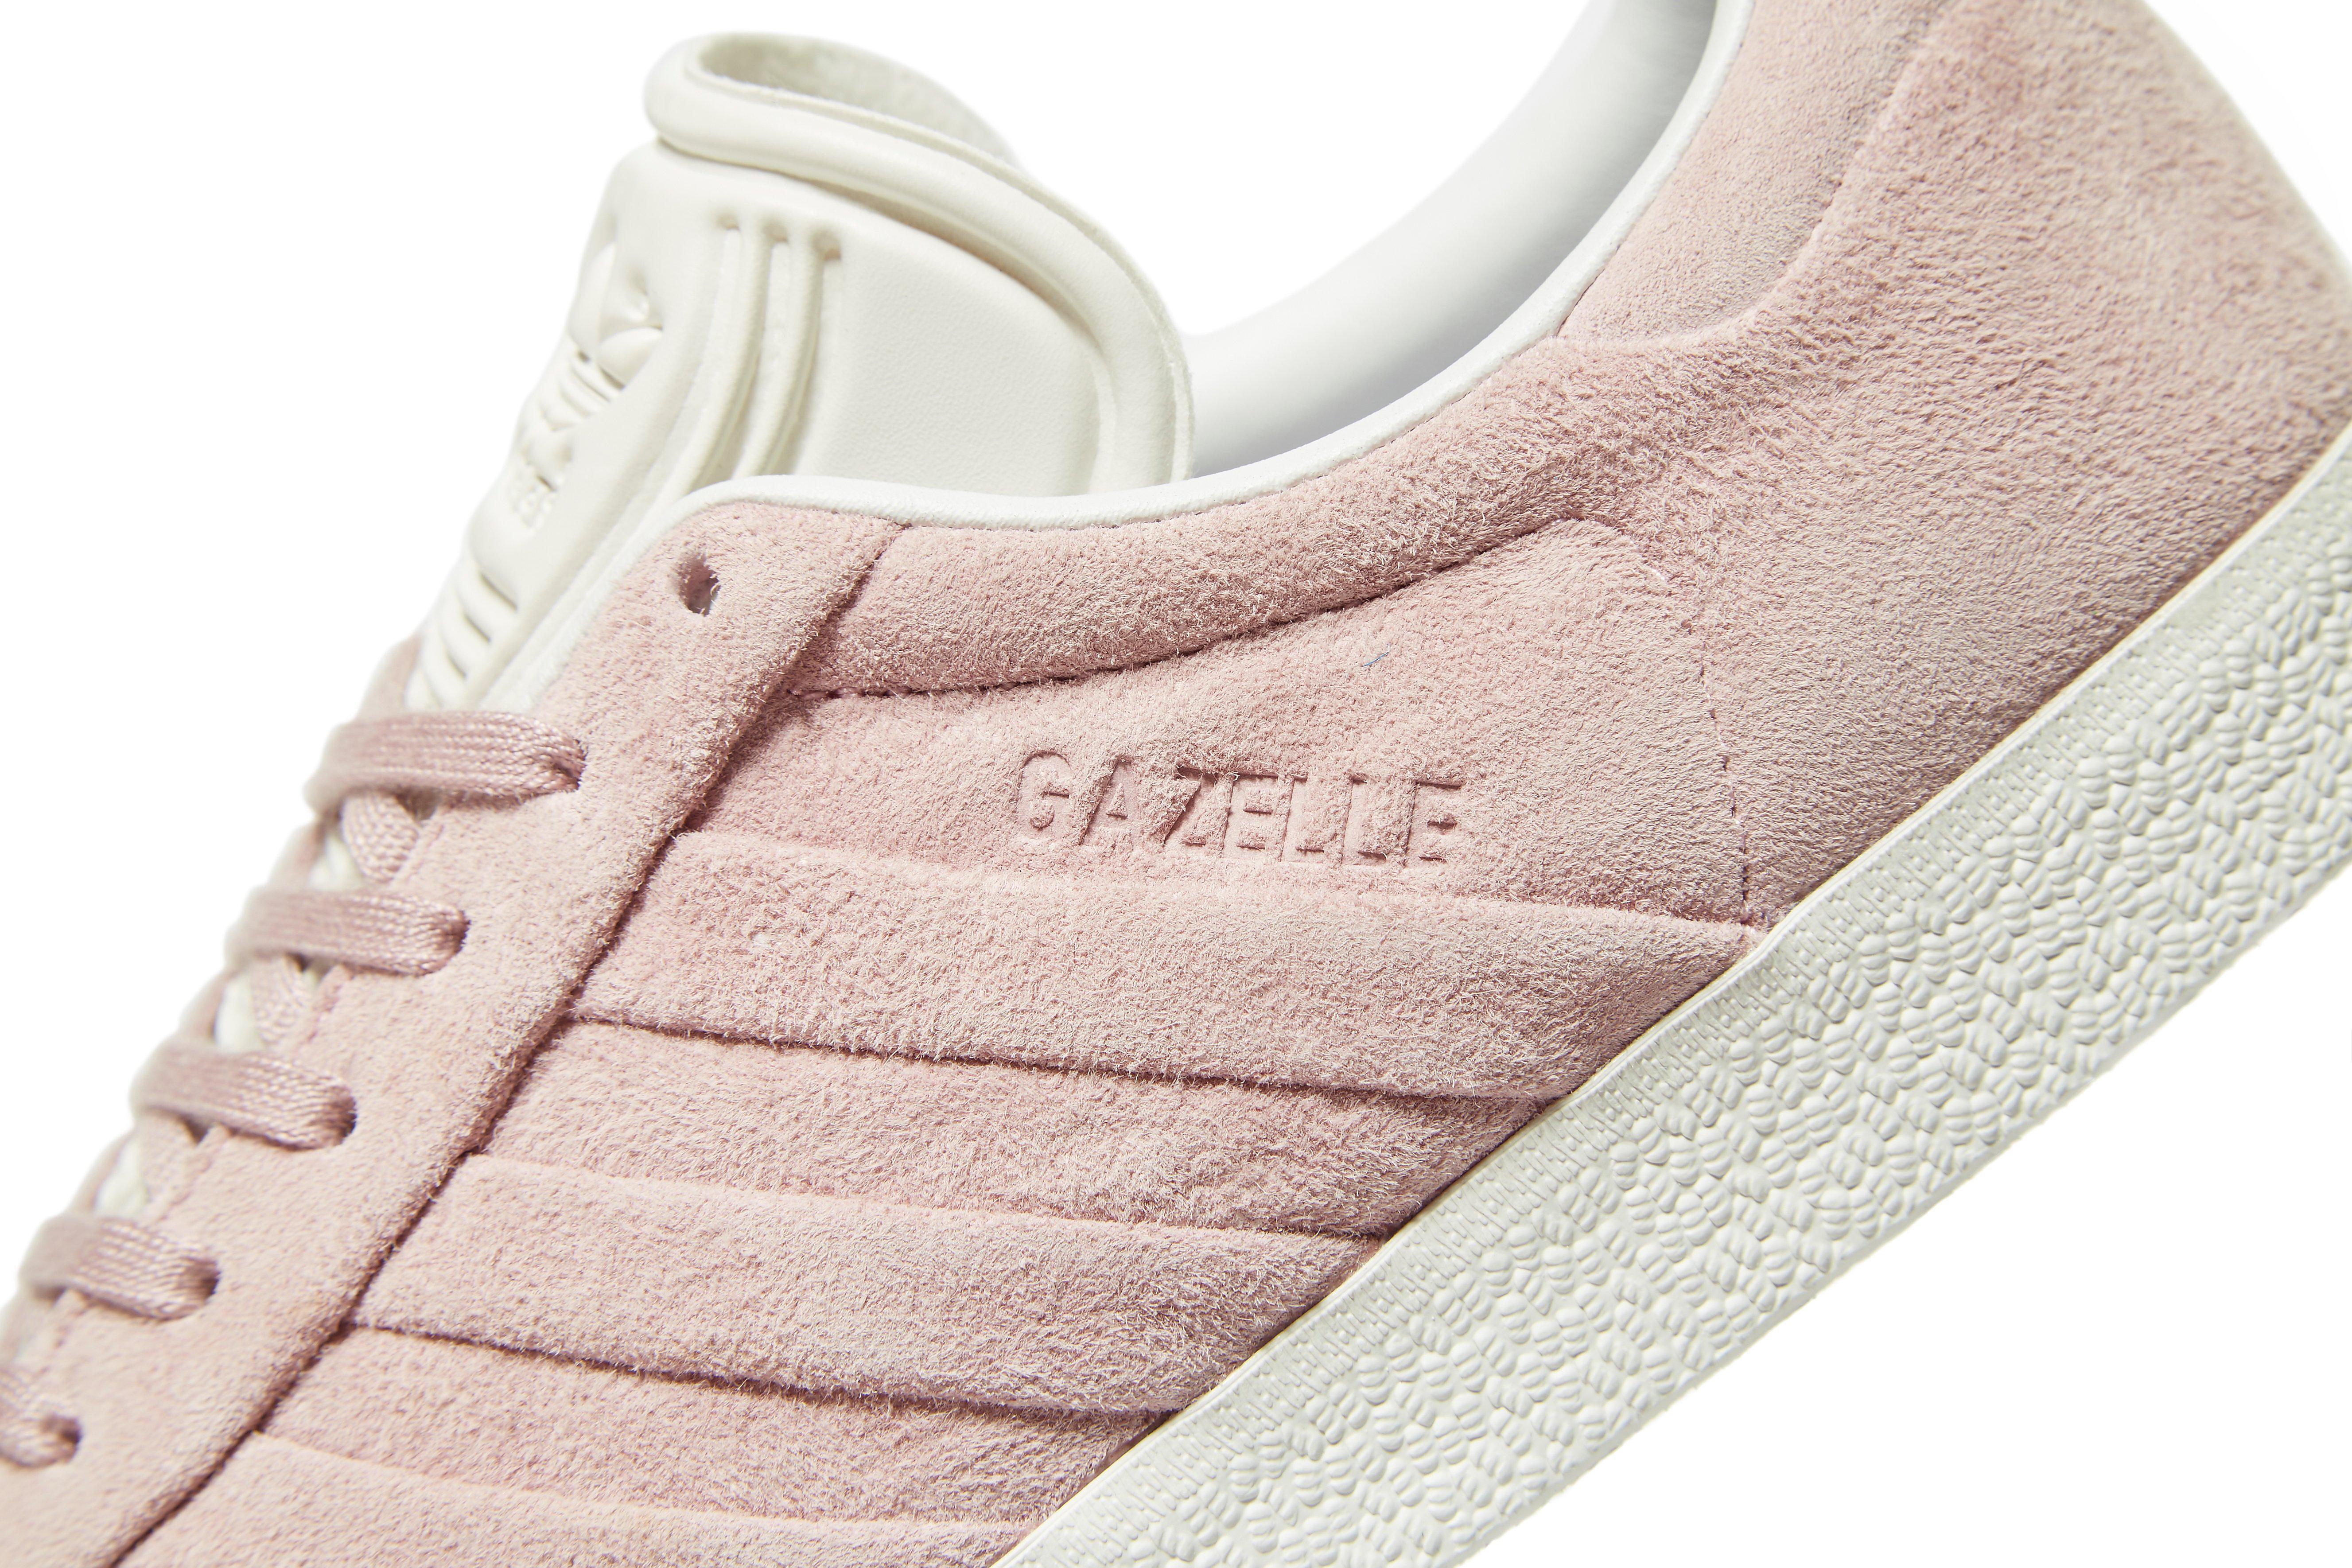 adidas Originals Gazelle Stitch and Turn Women's